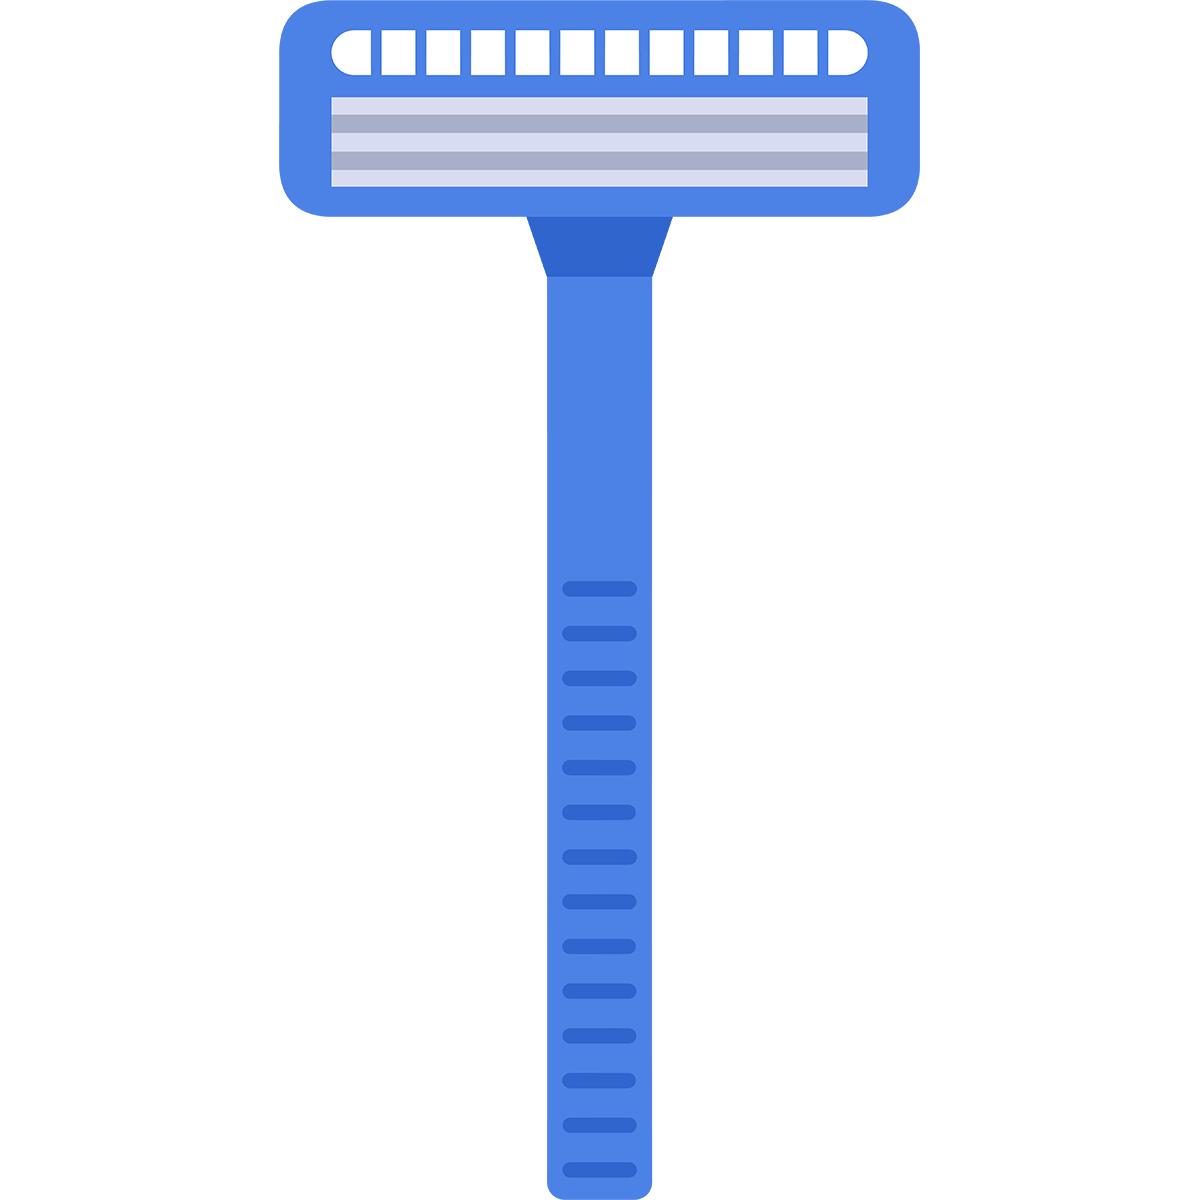 髭剃りの無料イラスト